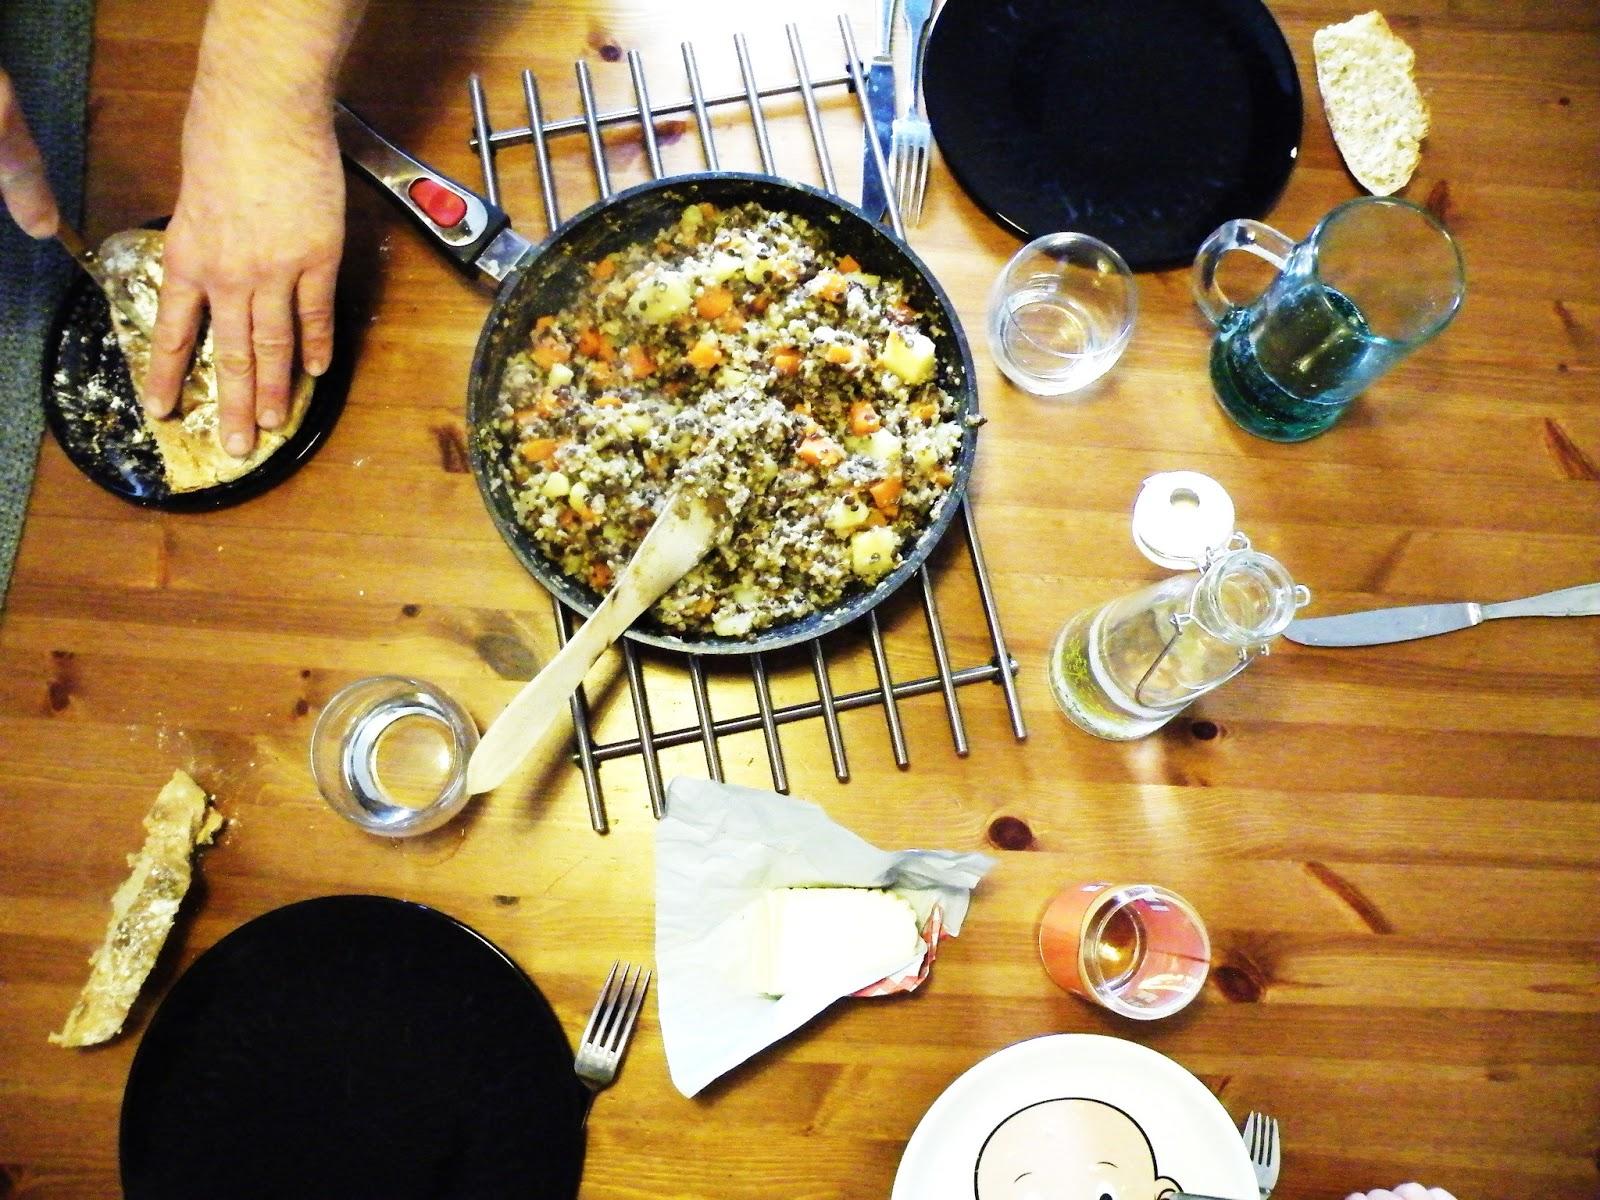 La vie simple de mimi cuisine veg et saine - Cuisine saine et simple ...